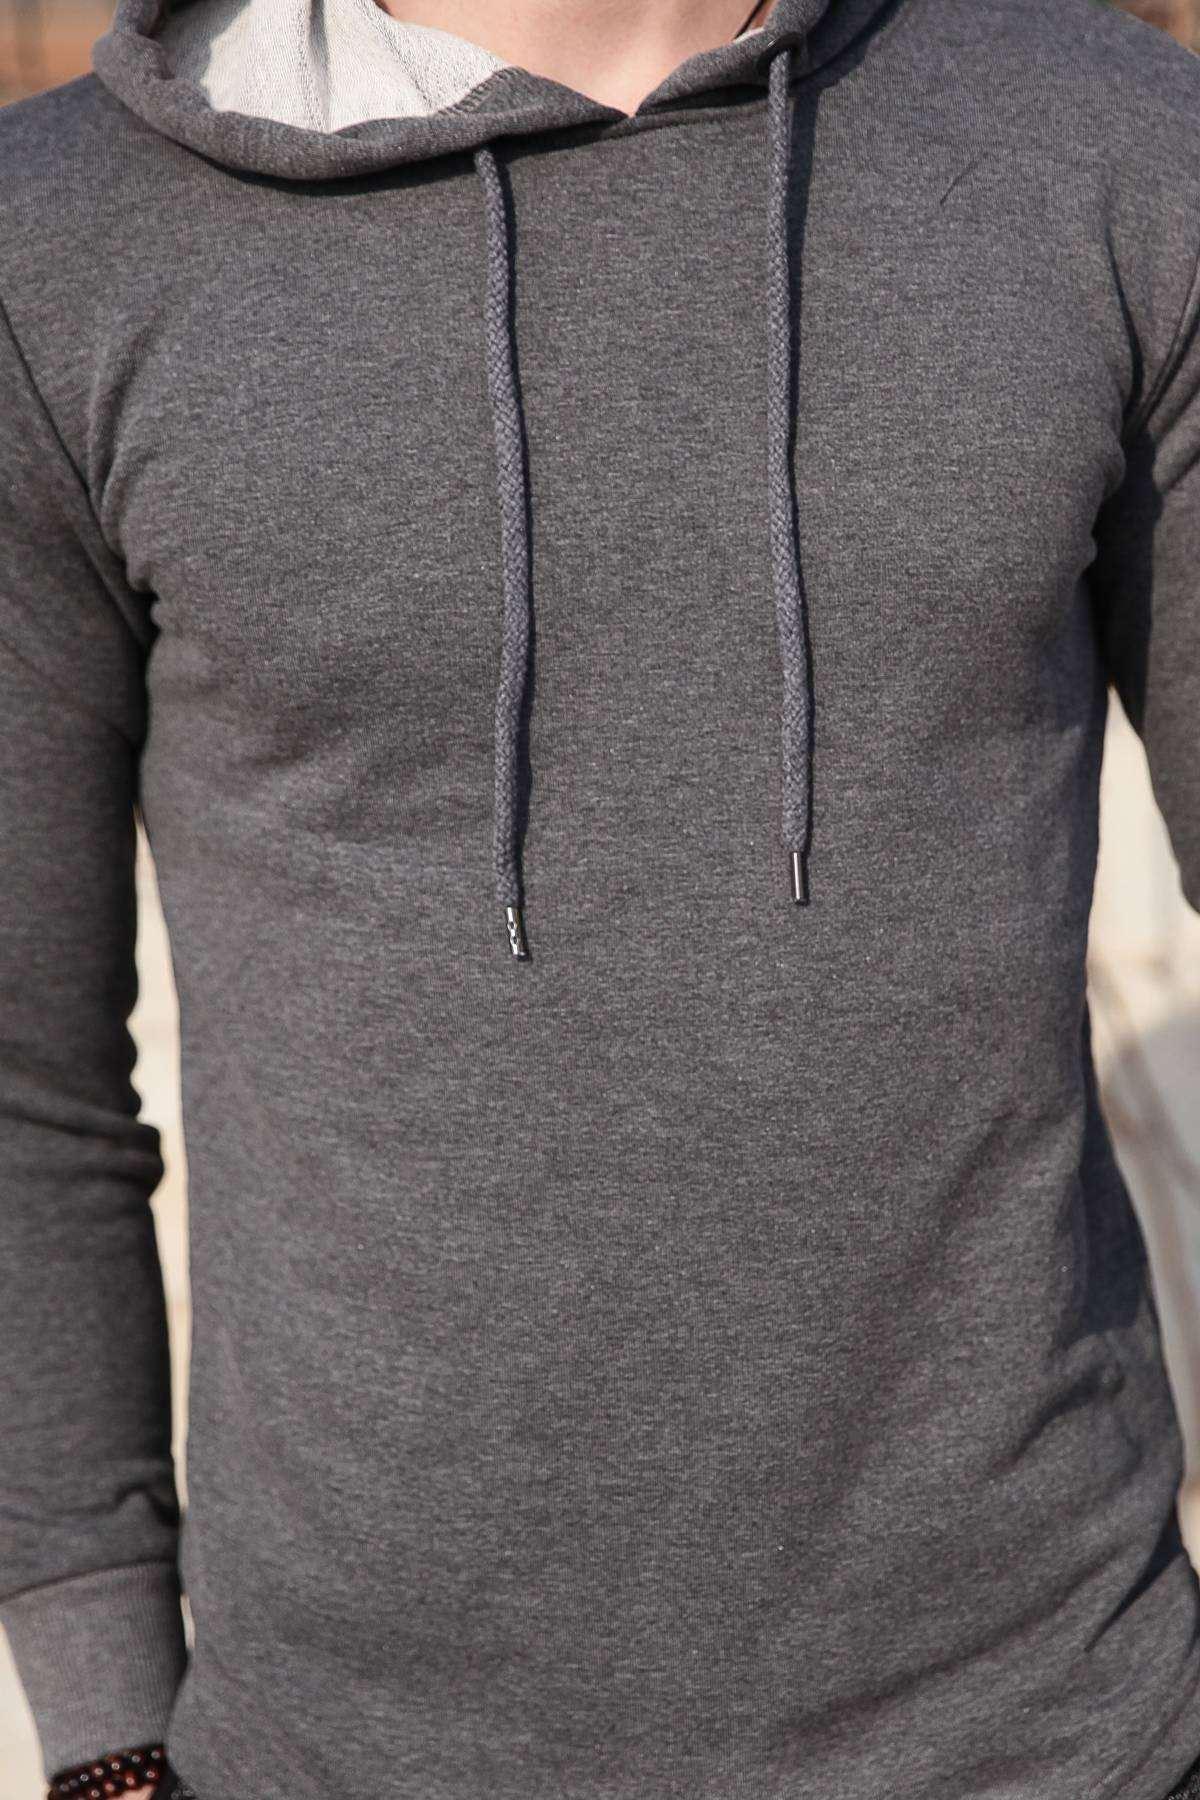 Kolu Gül İşlemeli Kapşonlu Sweatshirt Antrasit